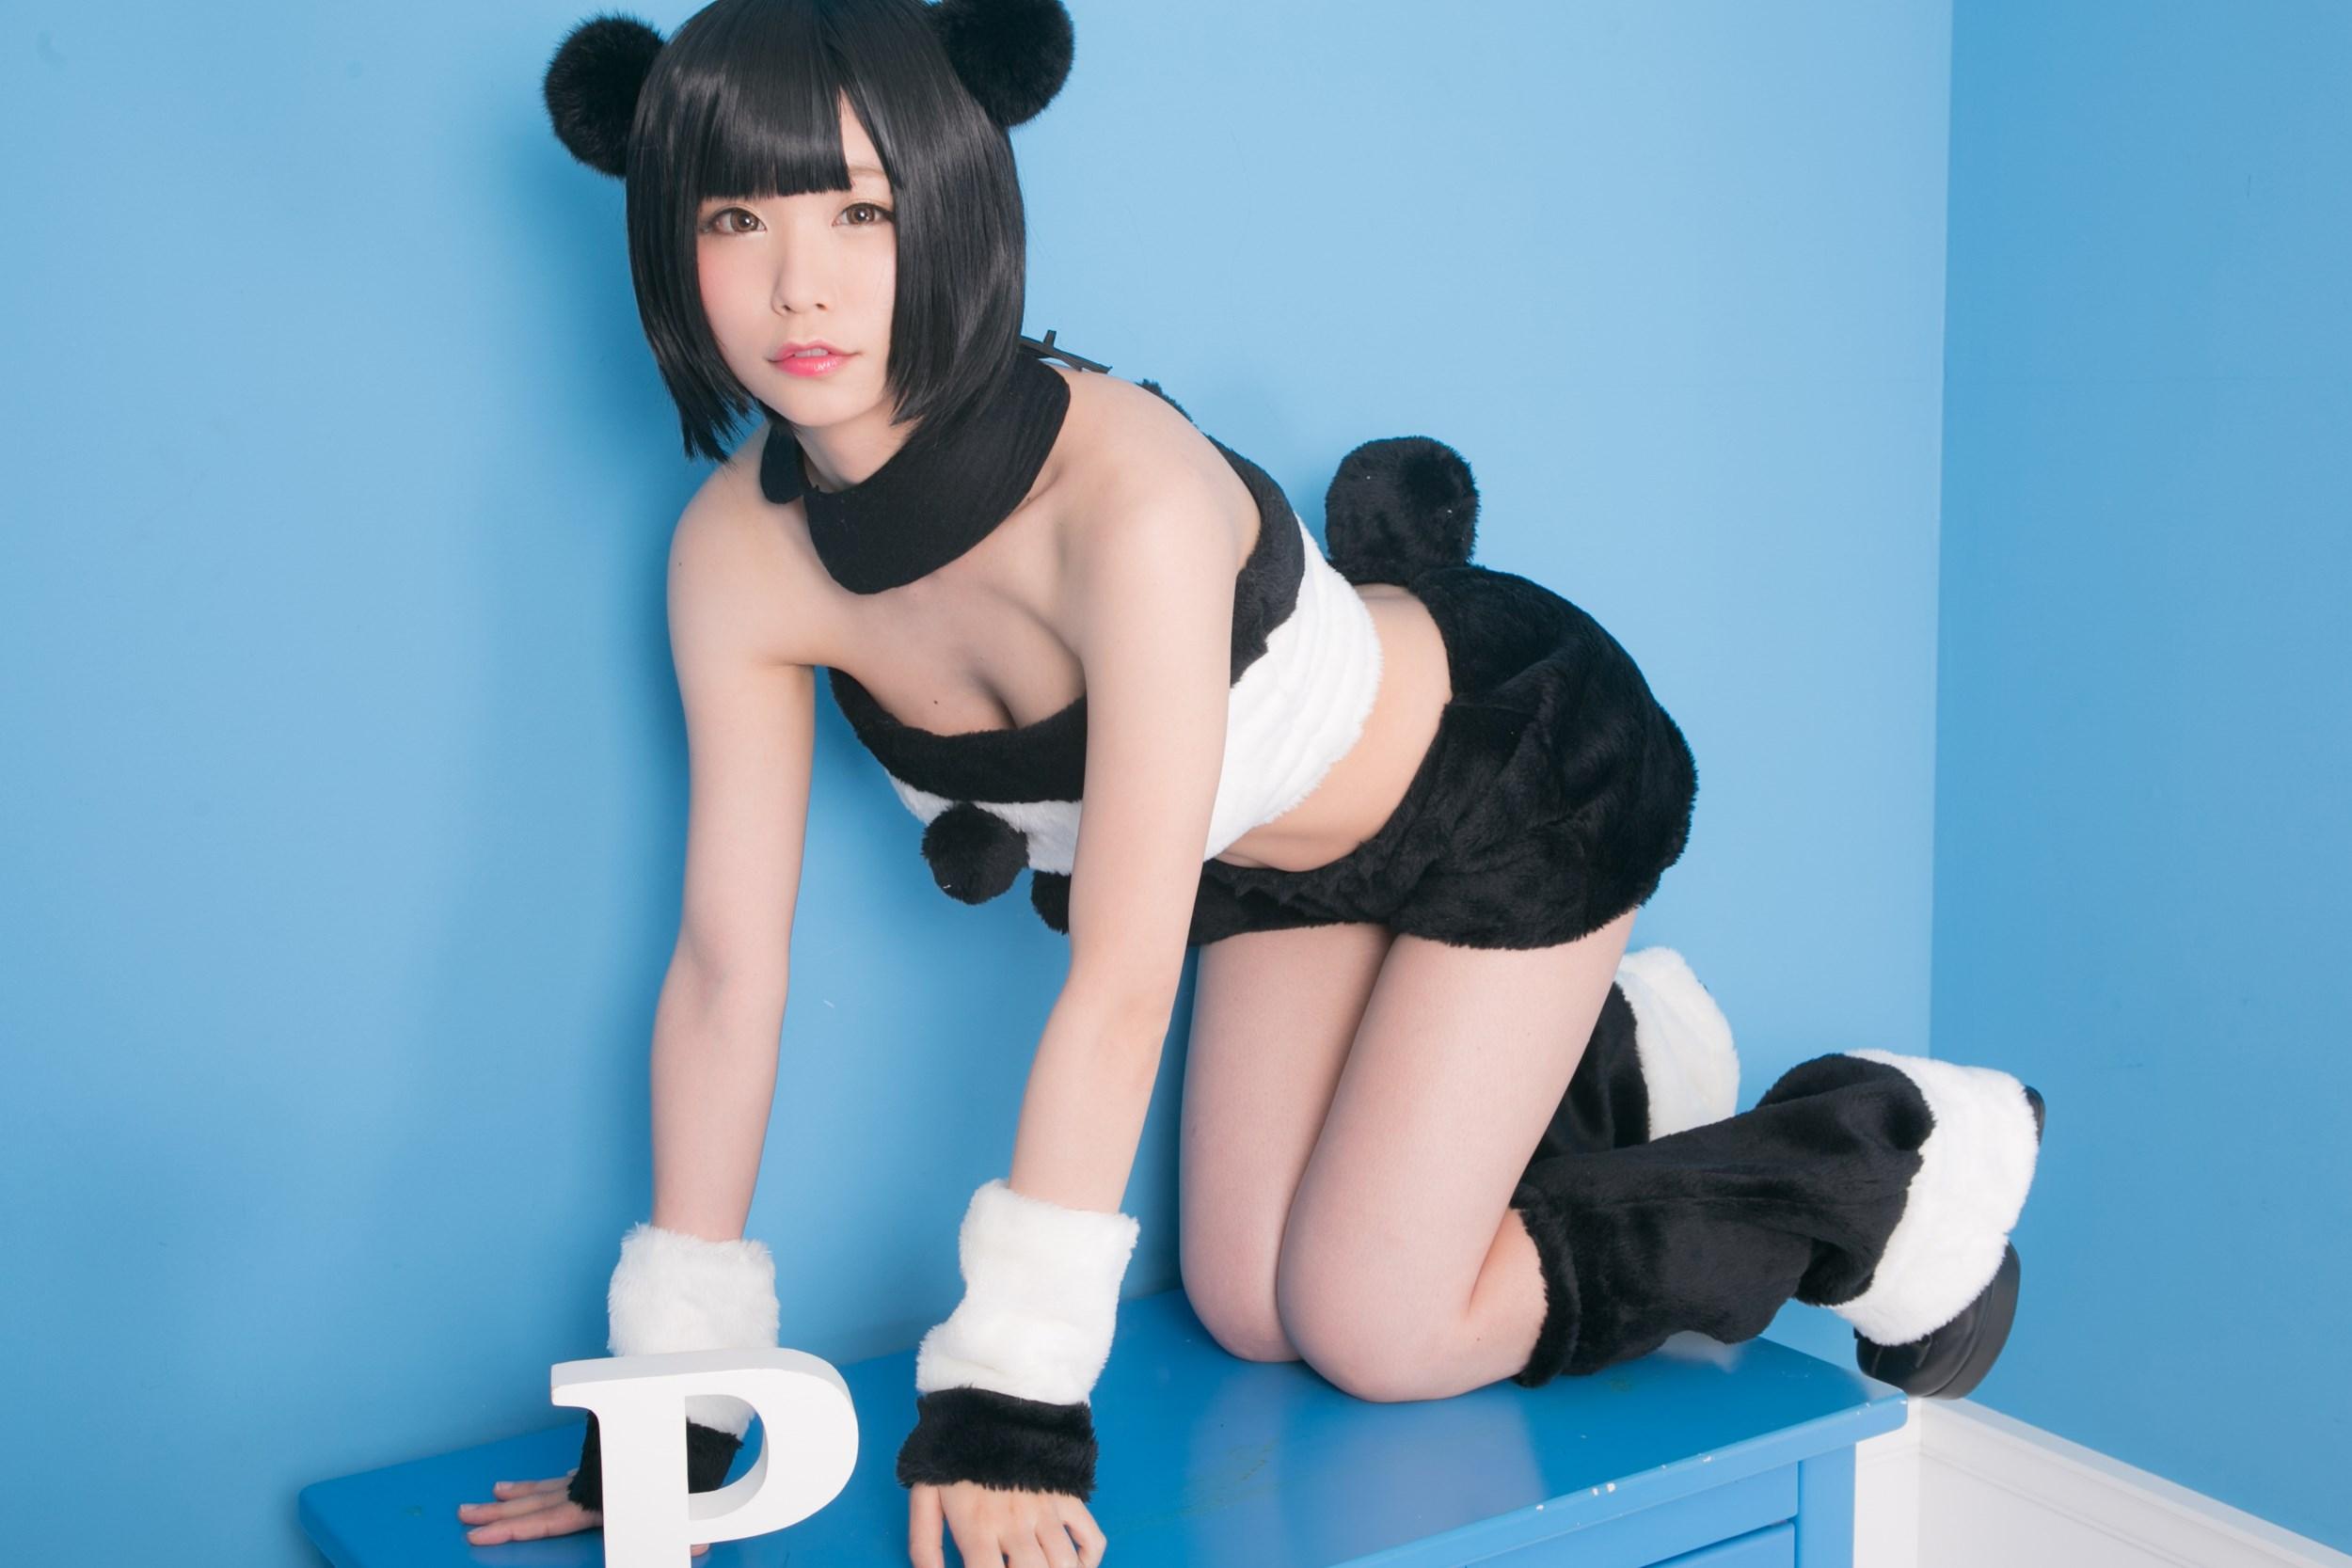 【兔玩映画】熊猫娘 兔玩映画 第14张